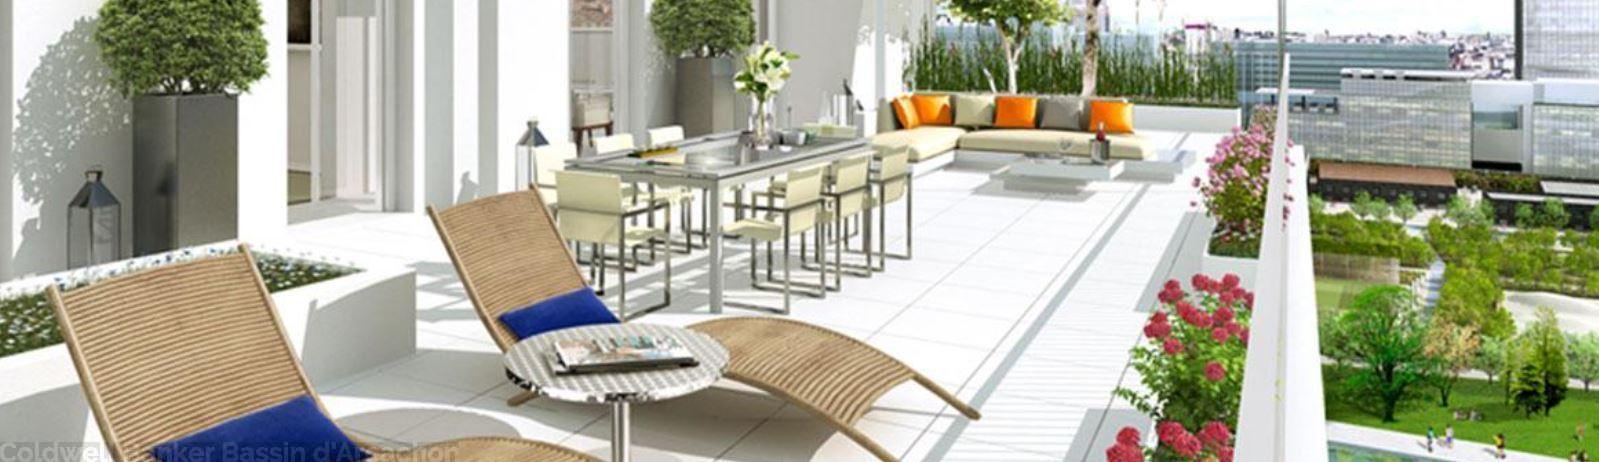 Acheter un nouvel appartement neuf à Bordeaux de 4 chambres avec terrasse et vue sur le fleuve